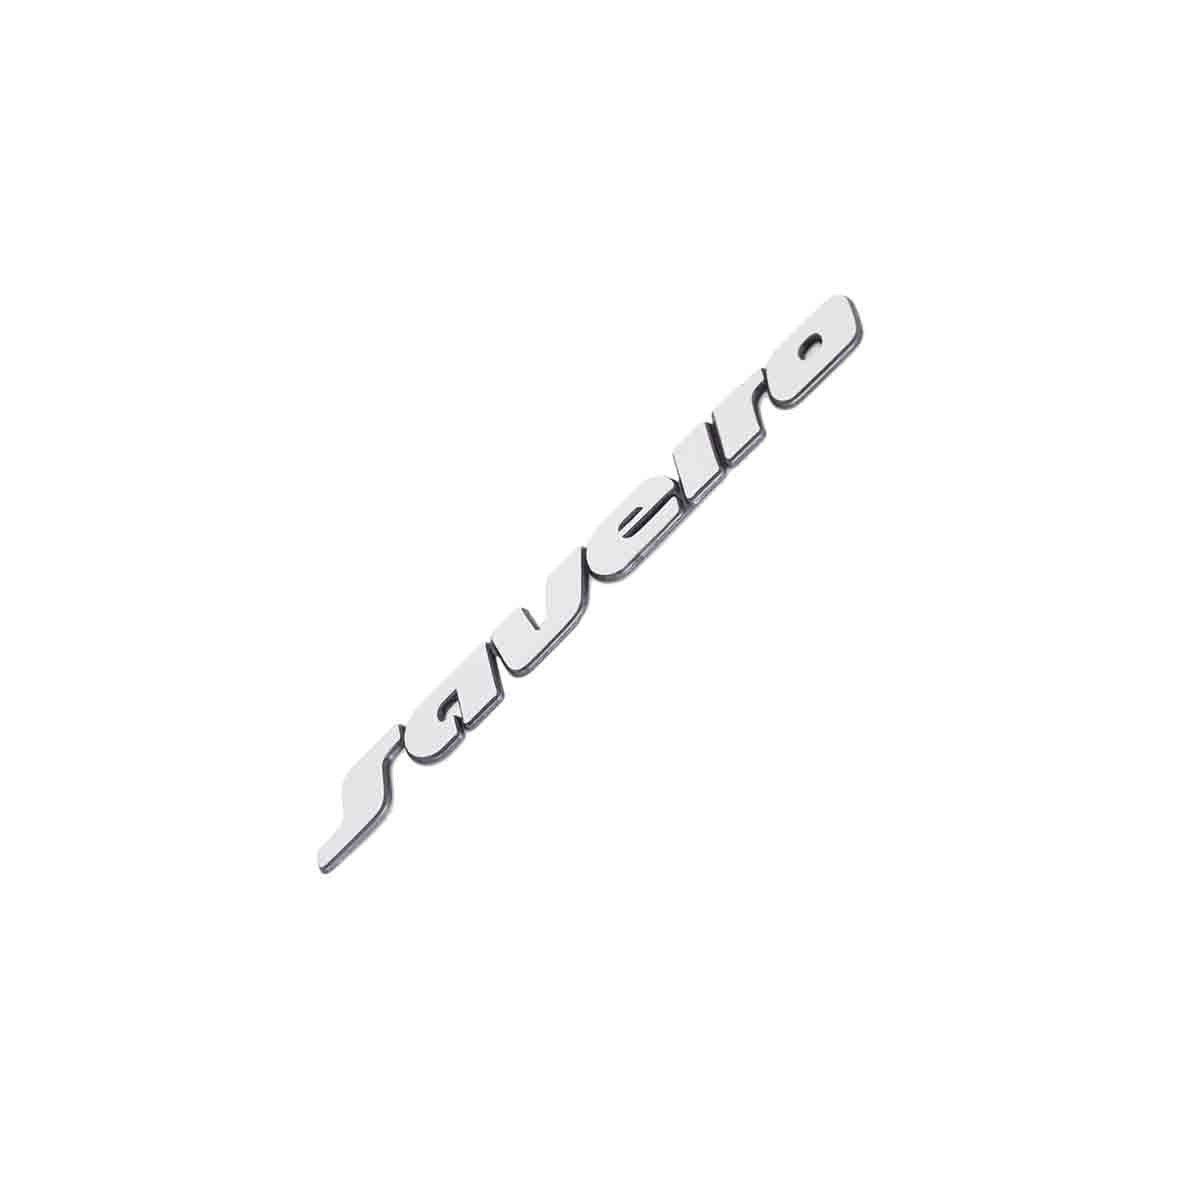 Emblema Saveiro 97/99 Escovado